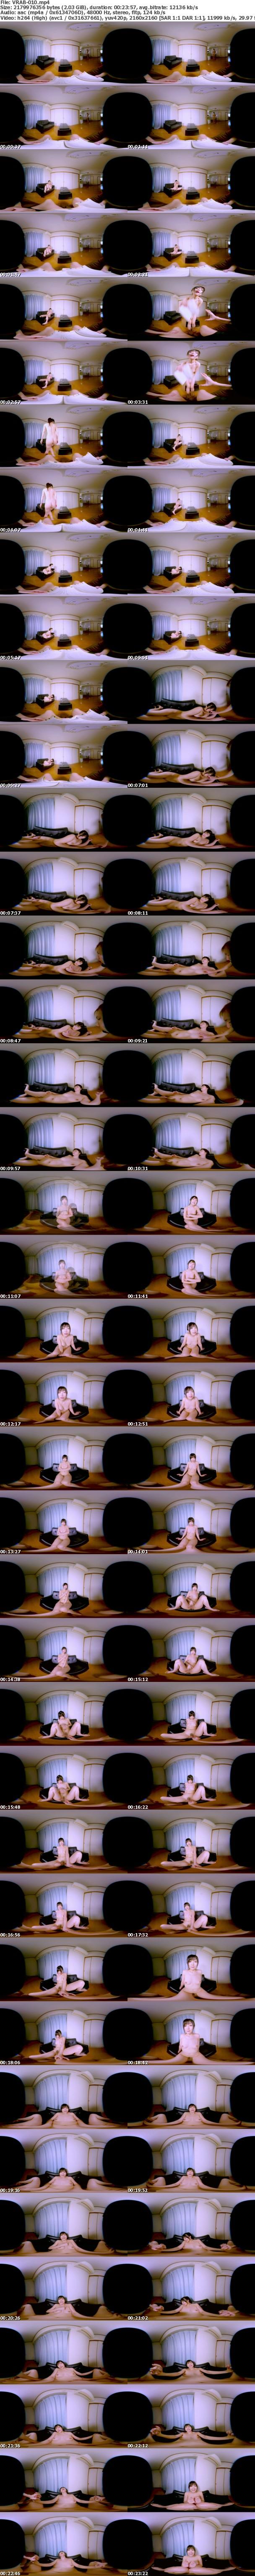 VR/3D [VRAB-010] 【VR】僕の童貞を奪った僕のお姉ちゃんは可愛いのにいつも全裸でとってもH! 大槻ひびき